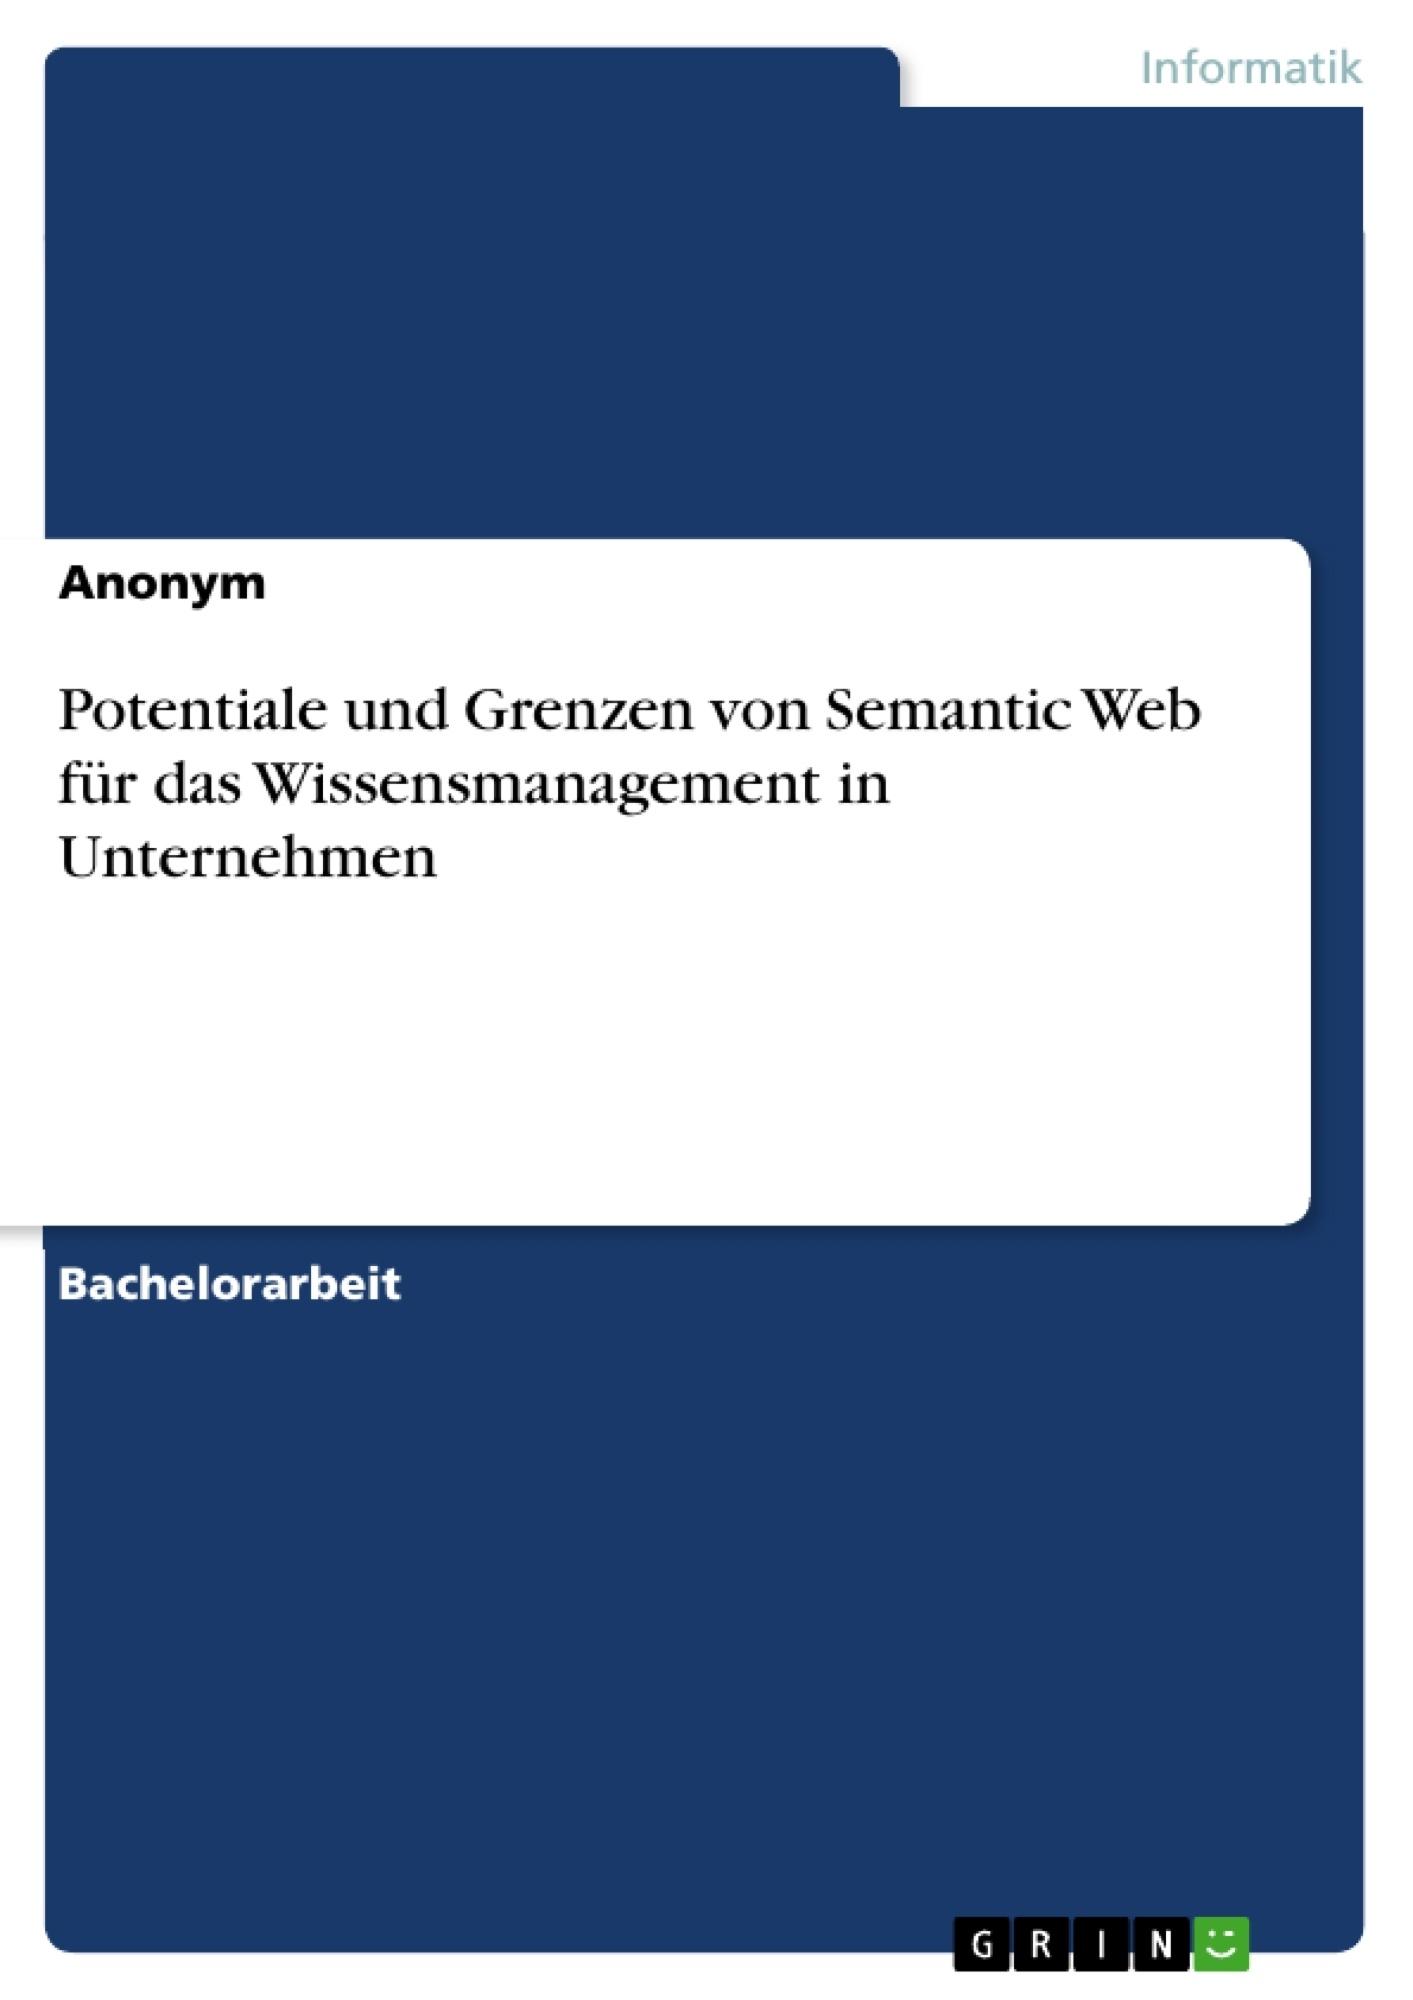 Titel: Potentiale und Grenzen von Semantic Web für das Wissensmanagement in Unternehmen